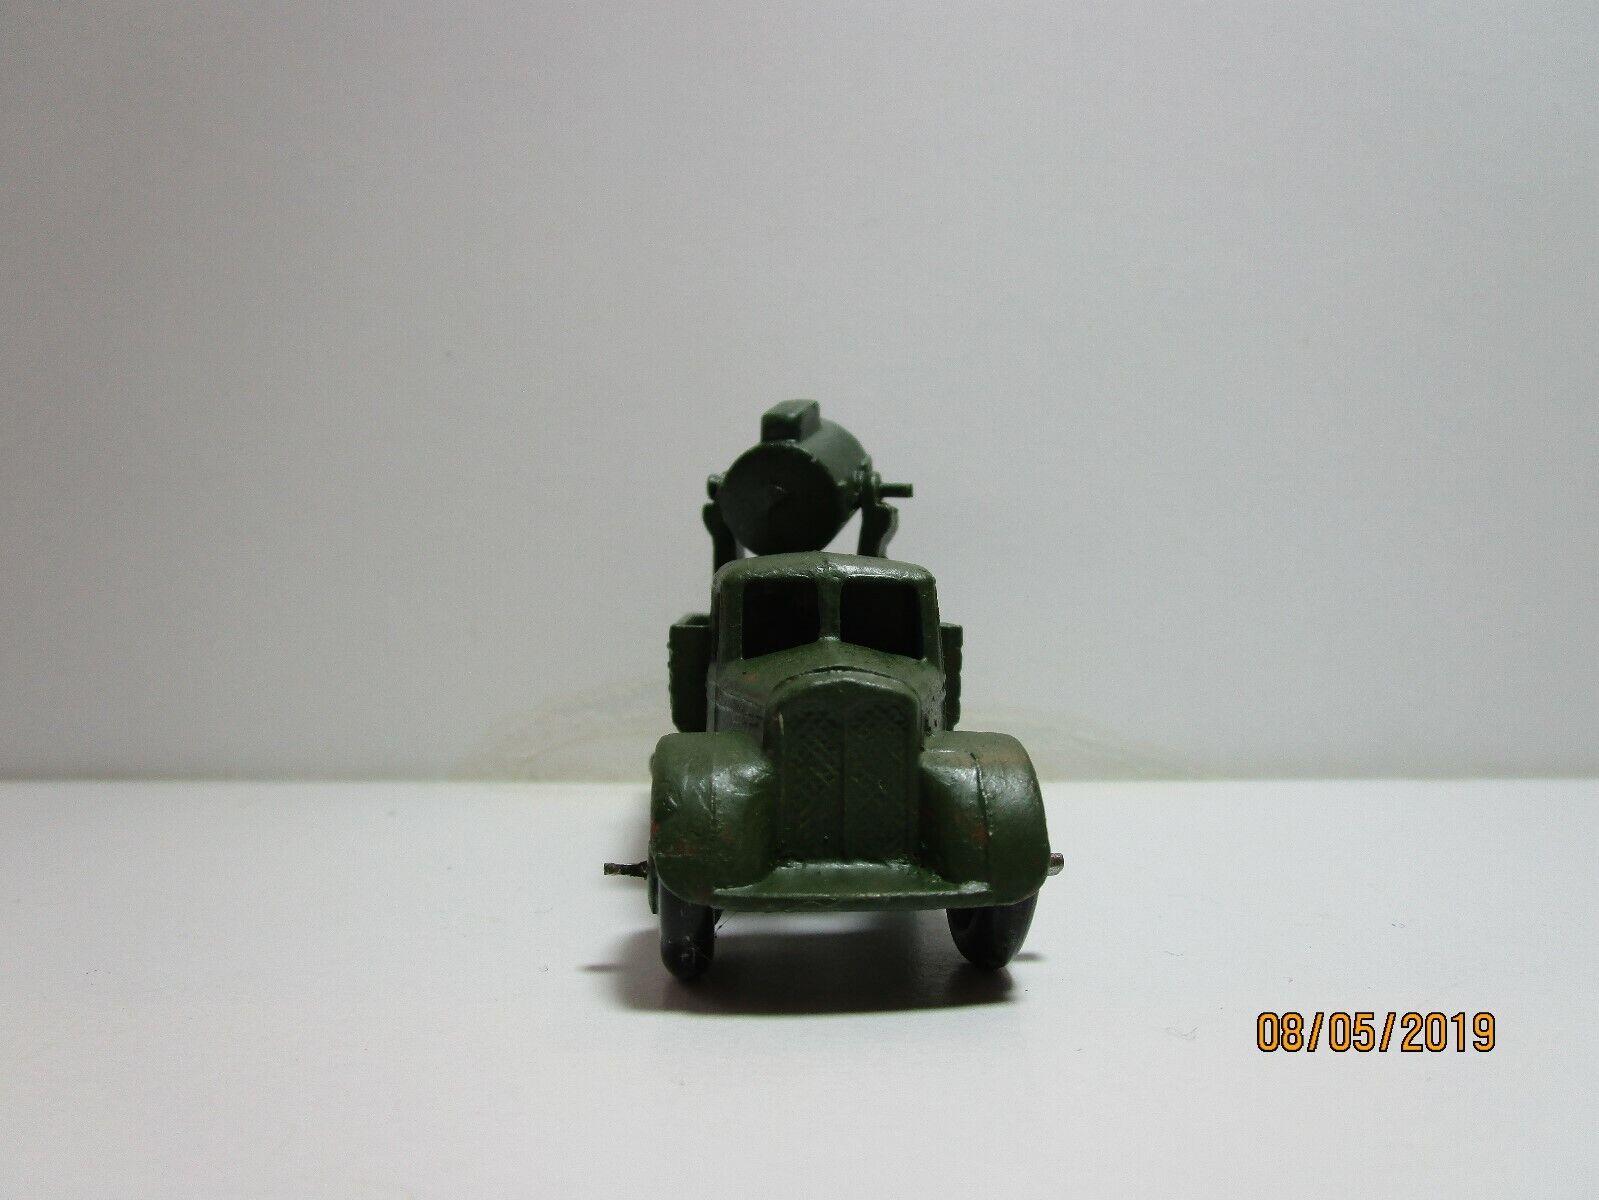 Dinky toy militaire 22 C - 22 S projecteur camion.